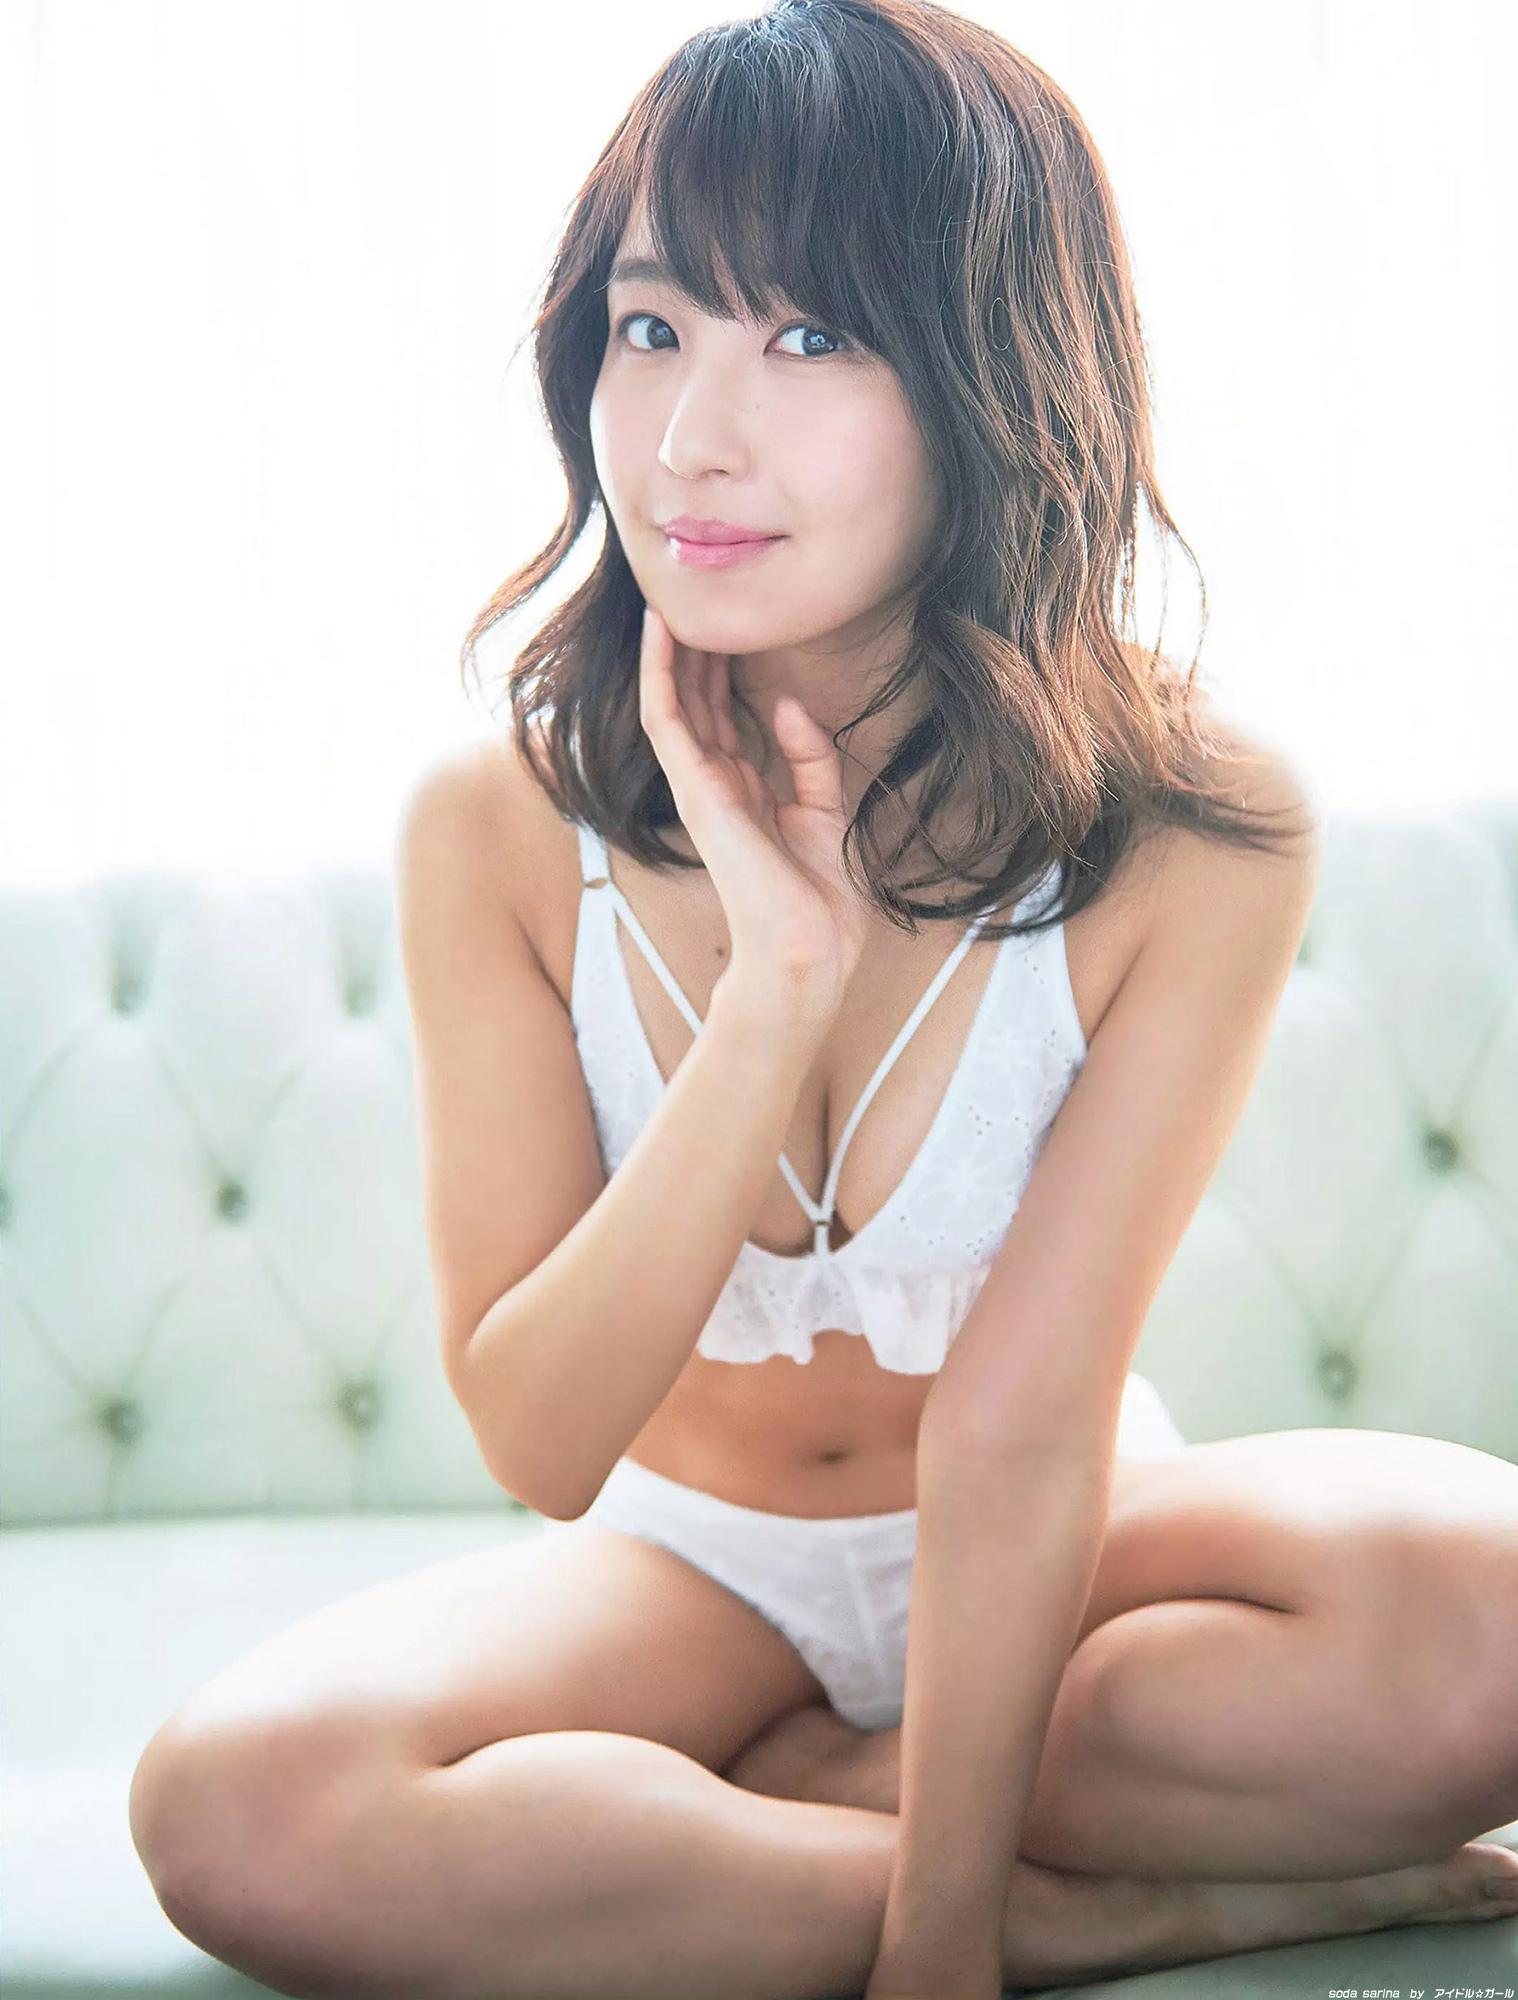 惣田紗莉渚の画像